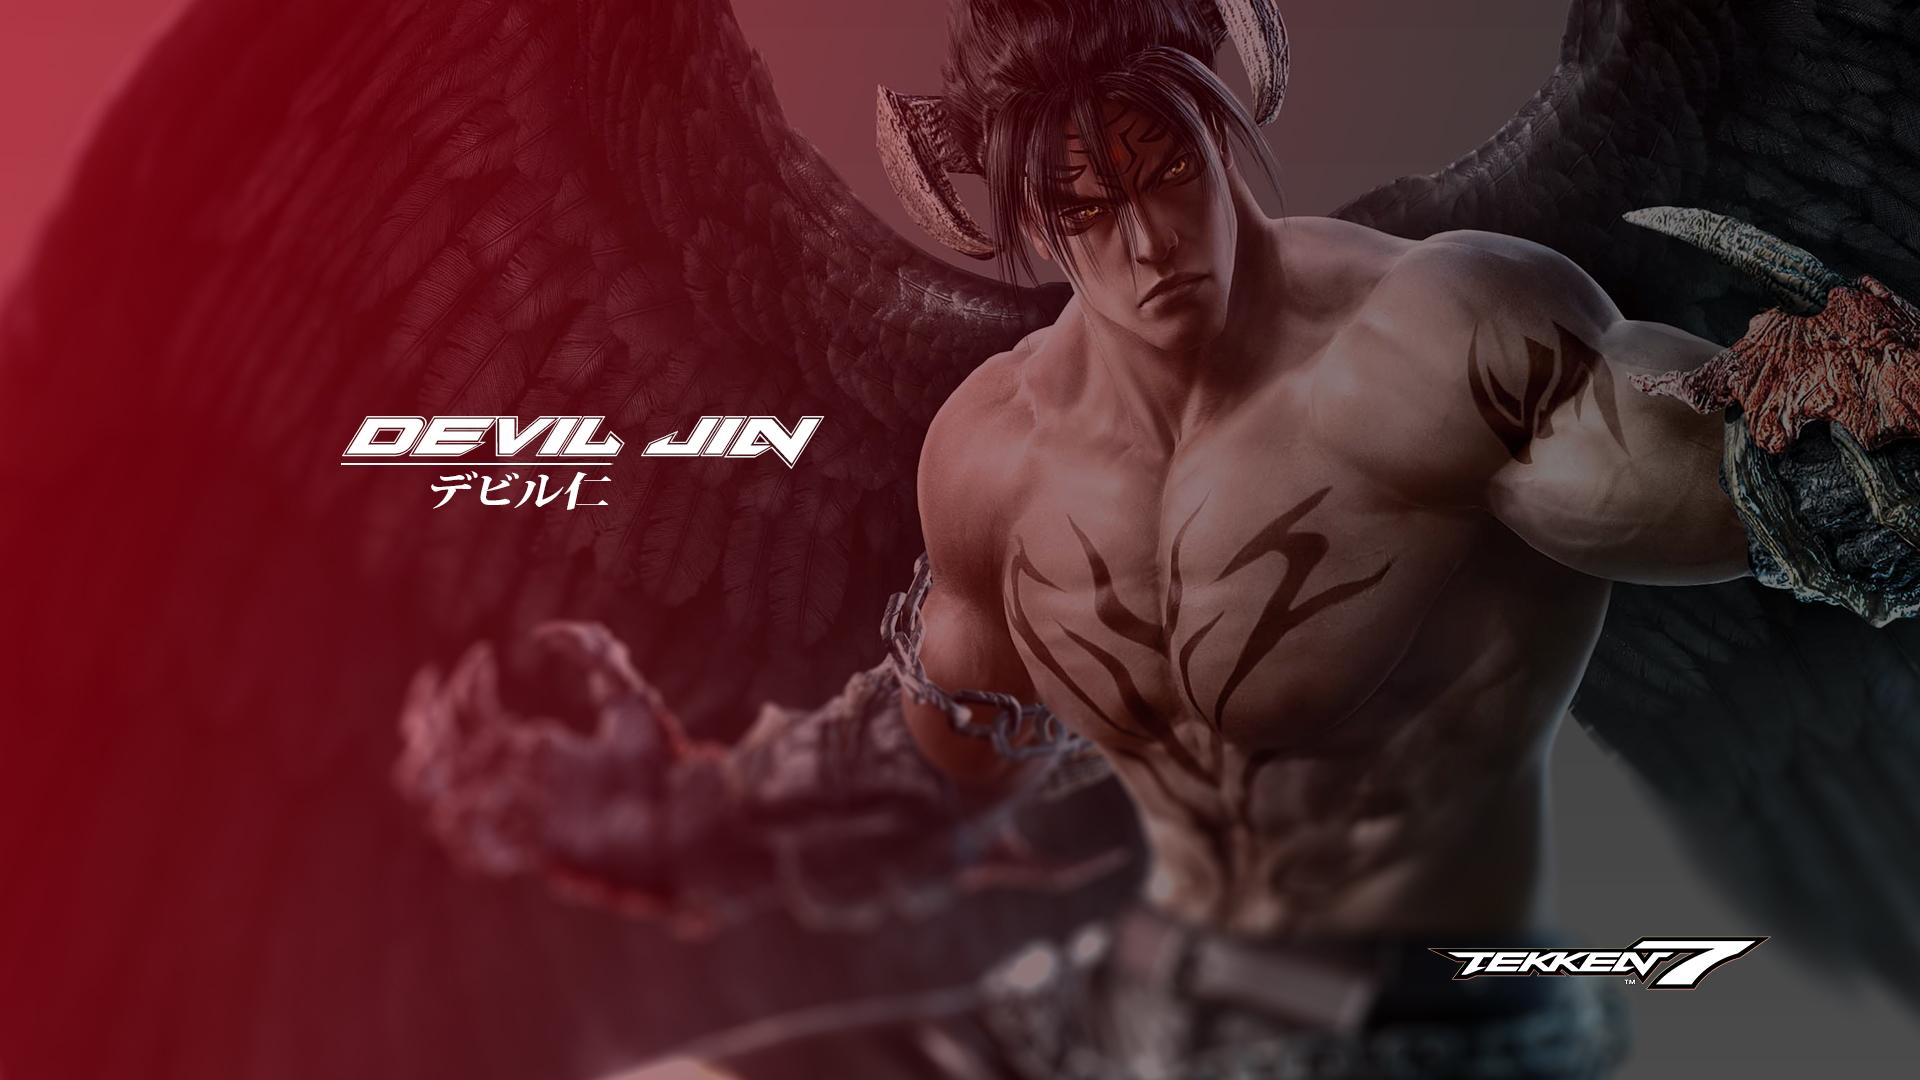 Devil jin tekken 7 by jin 05 on deviantart devil jin tekken 7 by jin 05 voltagebd Gallery